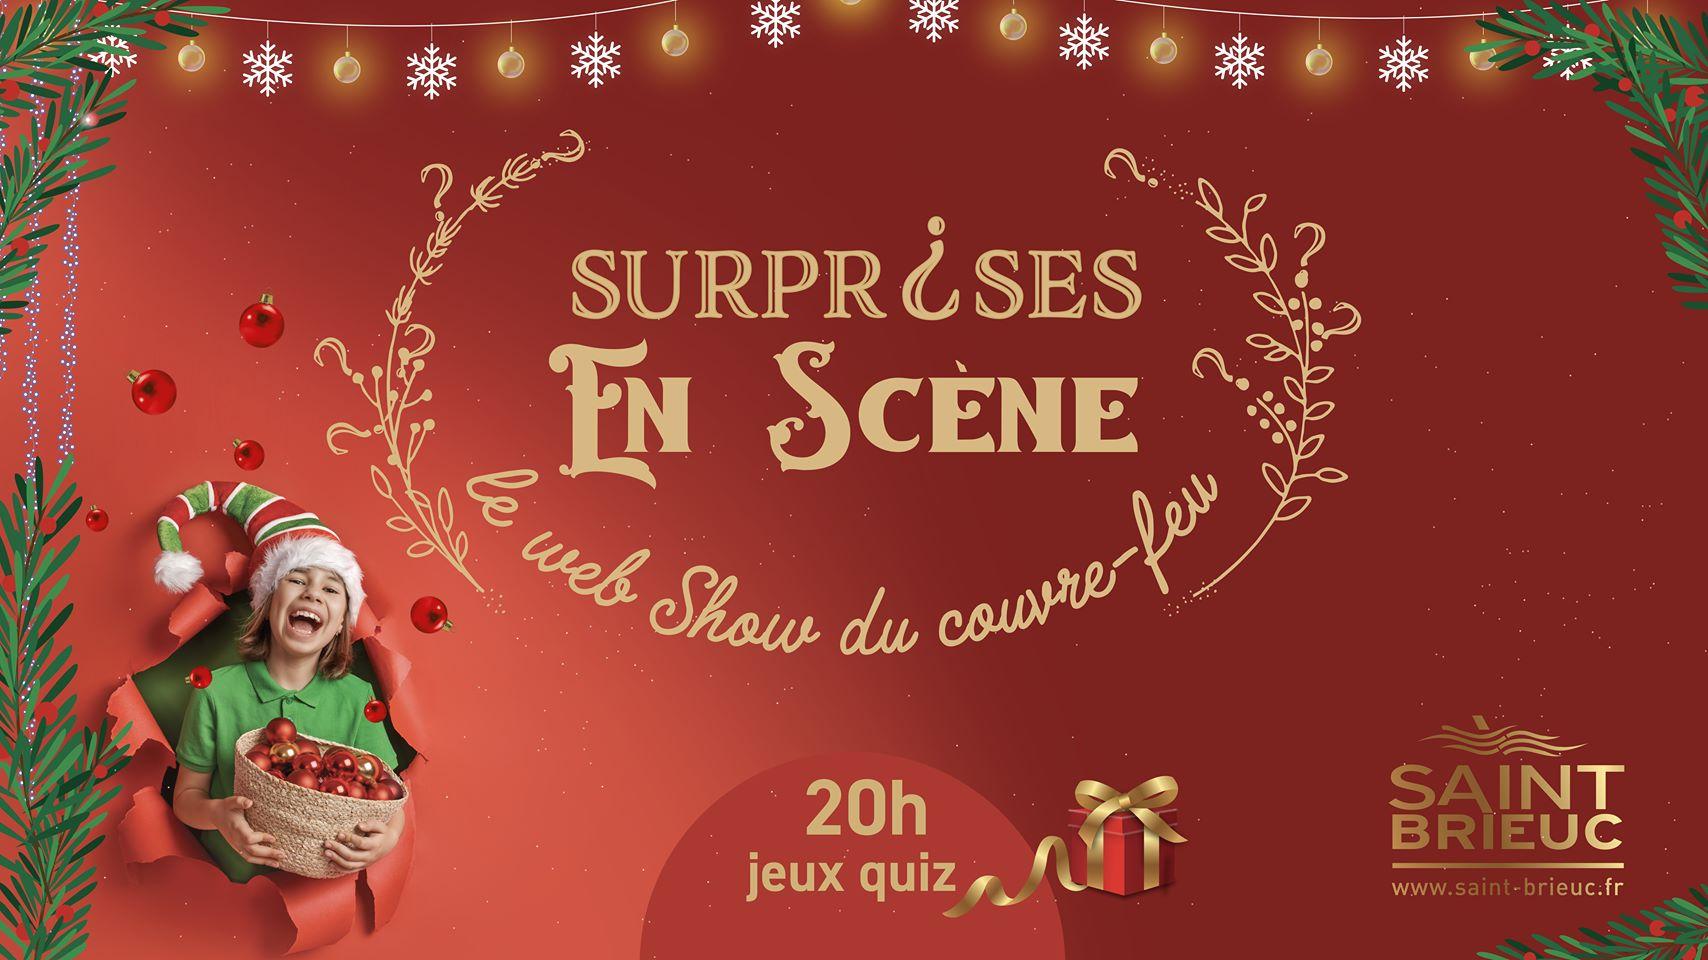 Eclairage et prise de son pour Surprises en scène - web show du couvre-feu de Saint-Brieuc